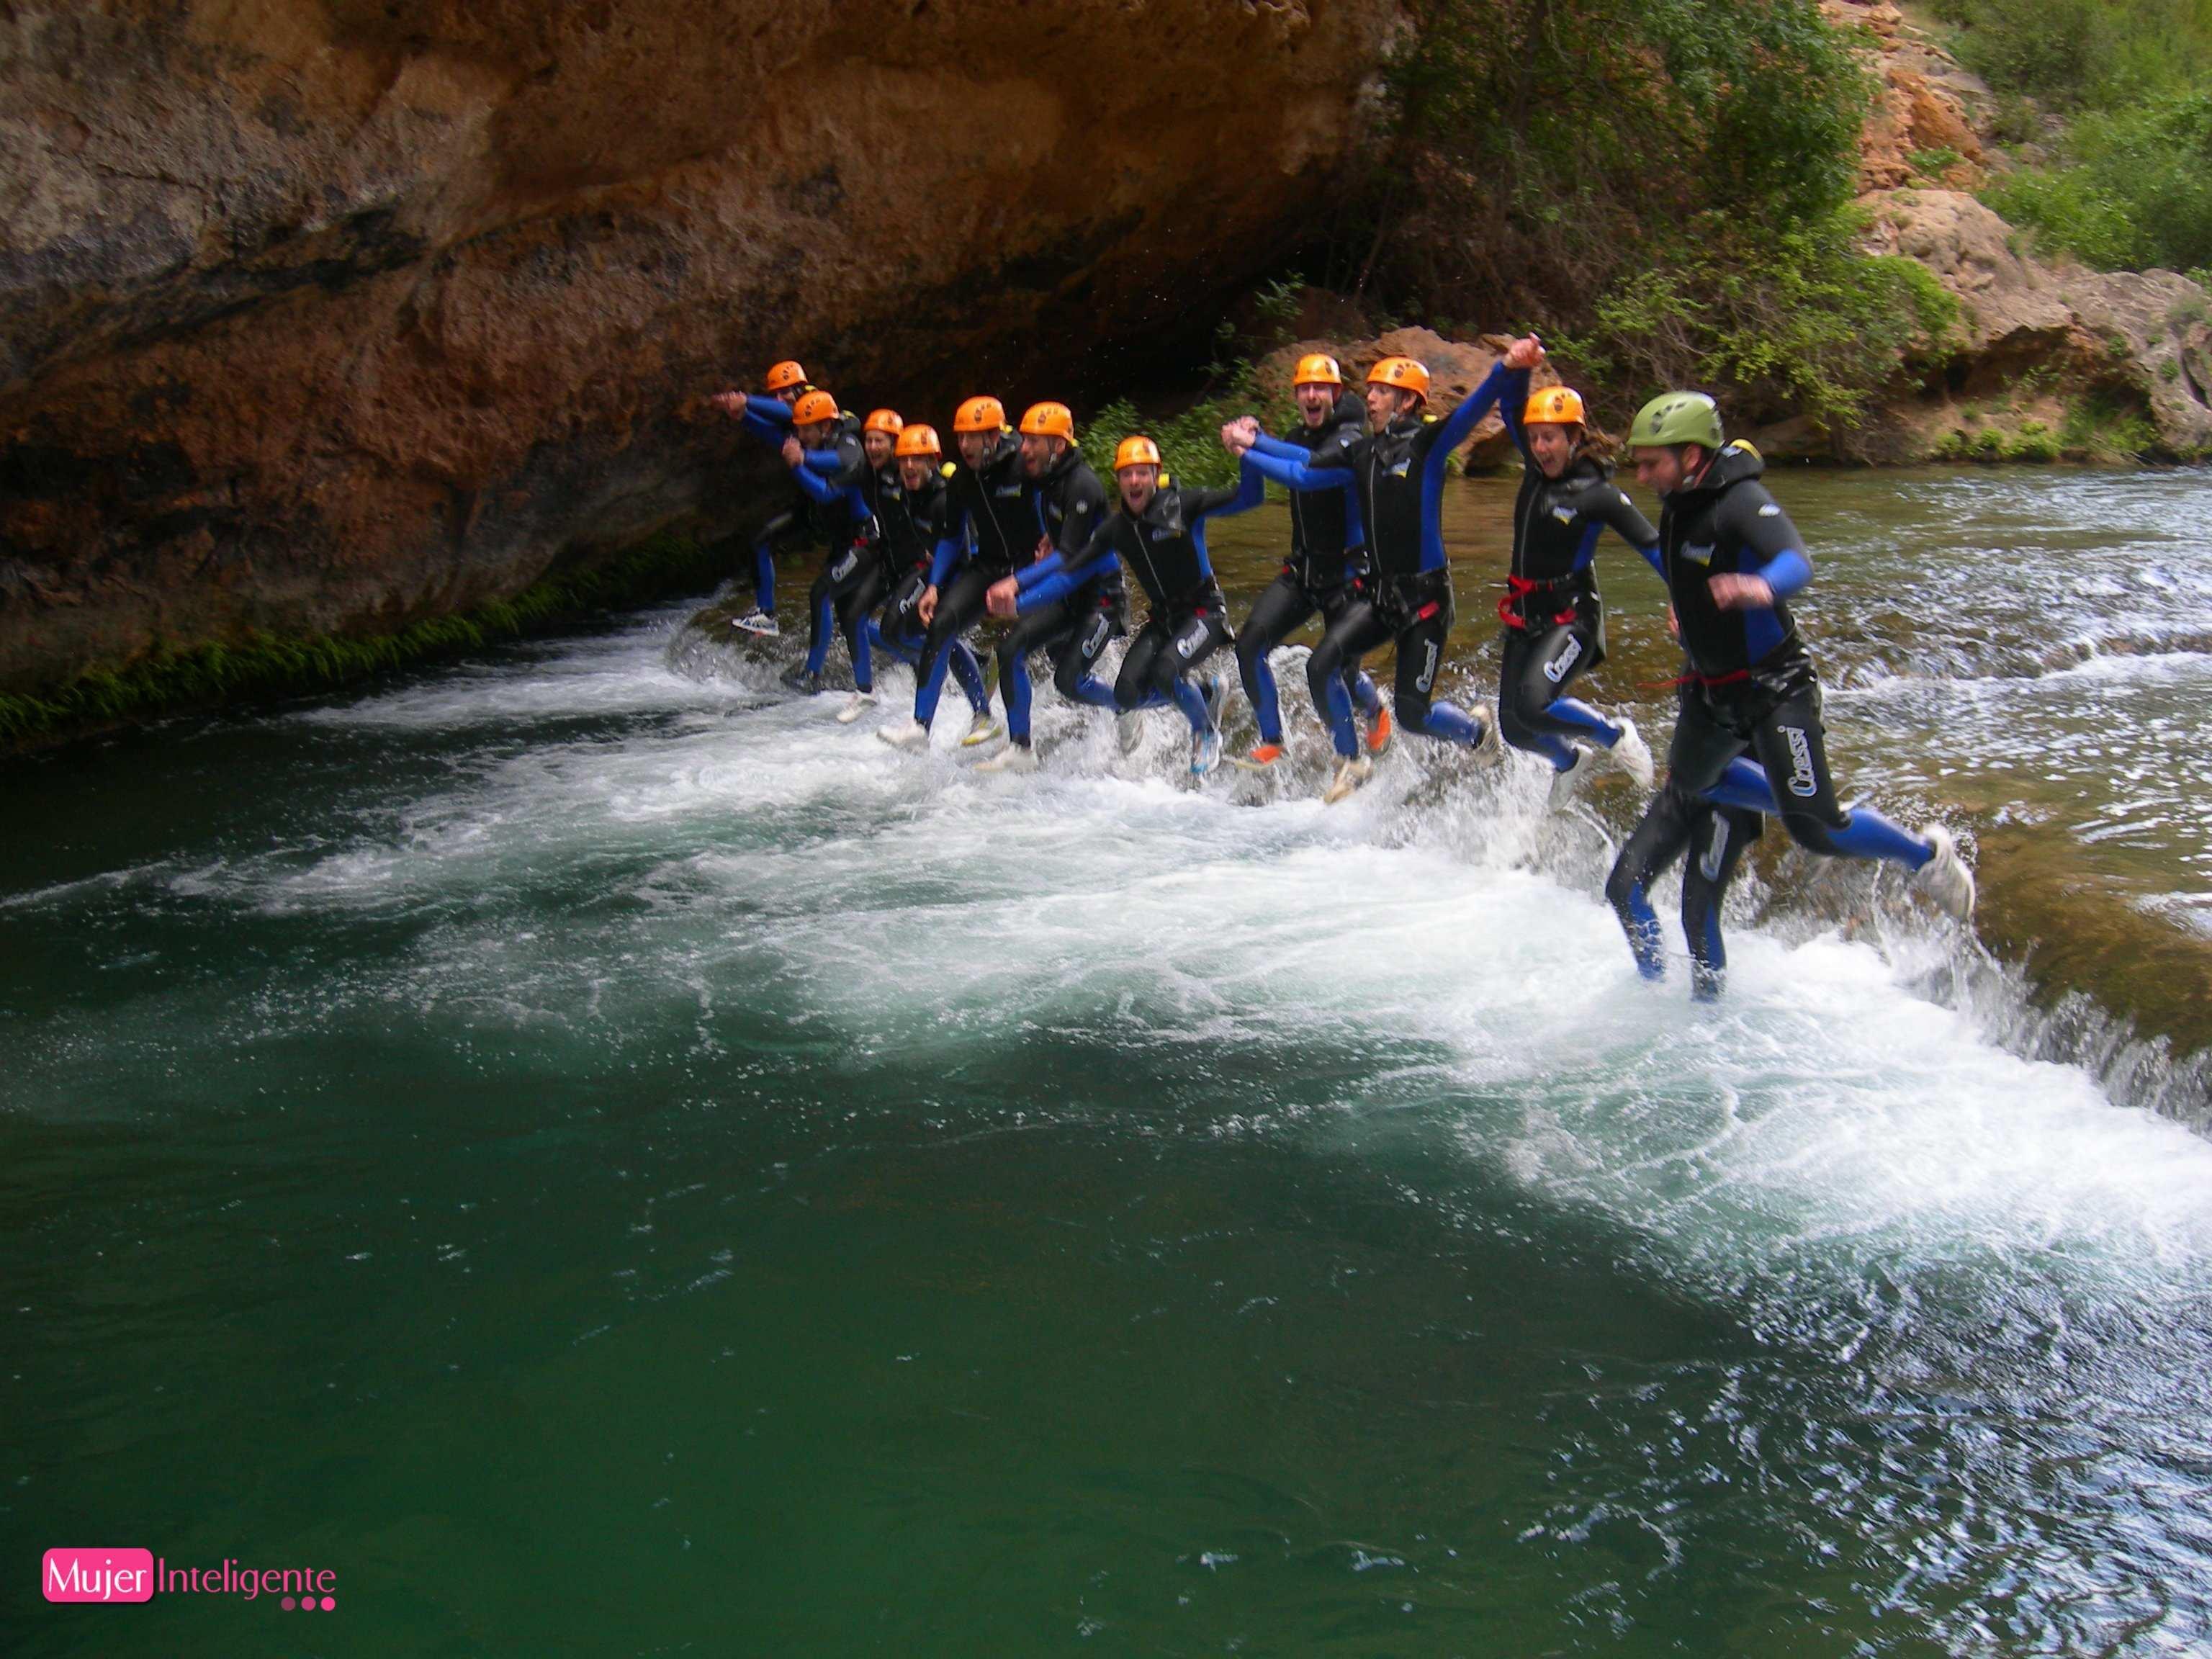 Vacaciones diferentes con deportes de aventura